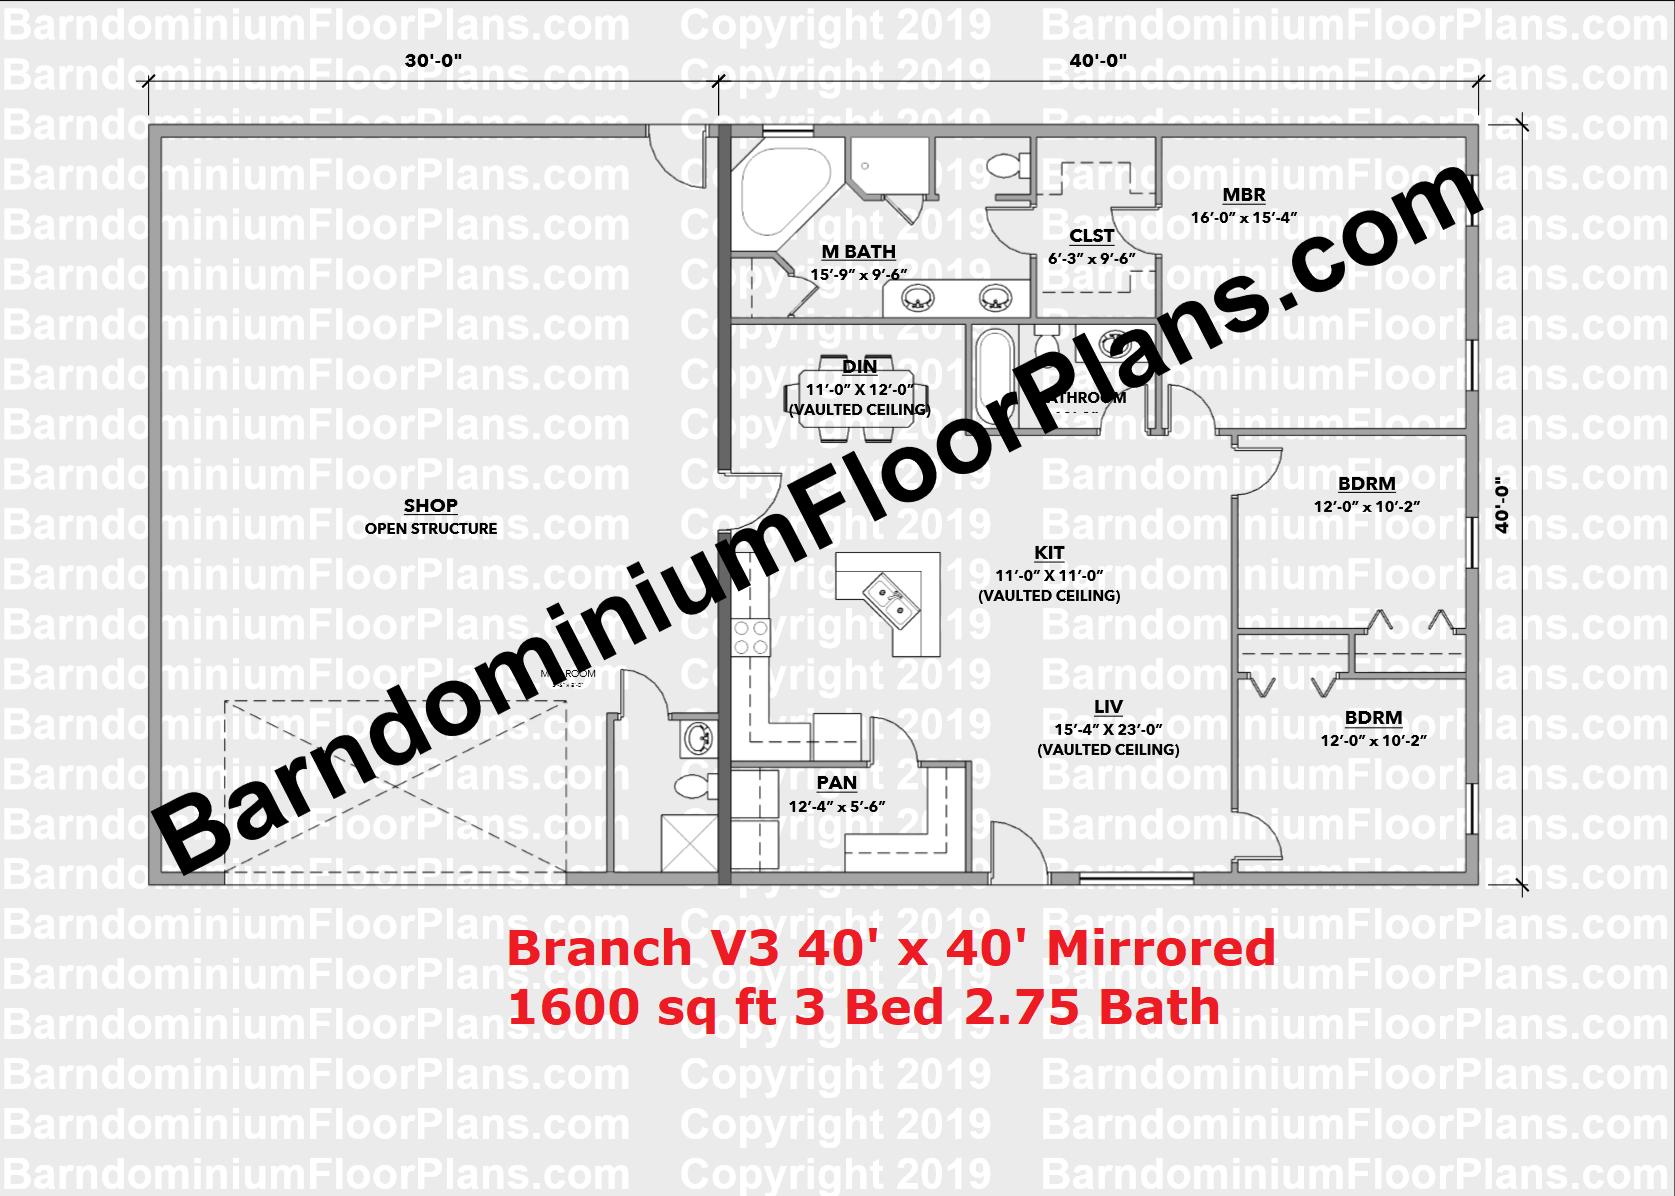 Branch V3 Barndo Floor Plan 3 Bedroom 1600 sq ft